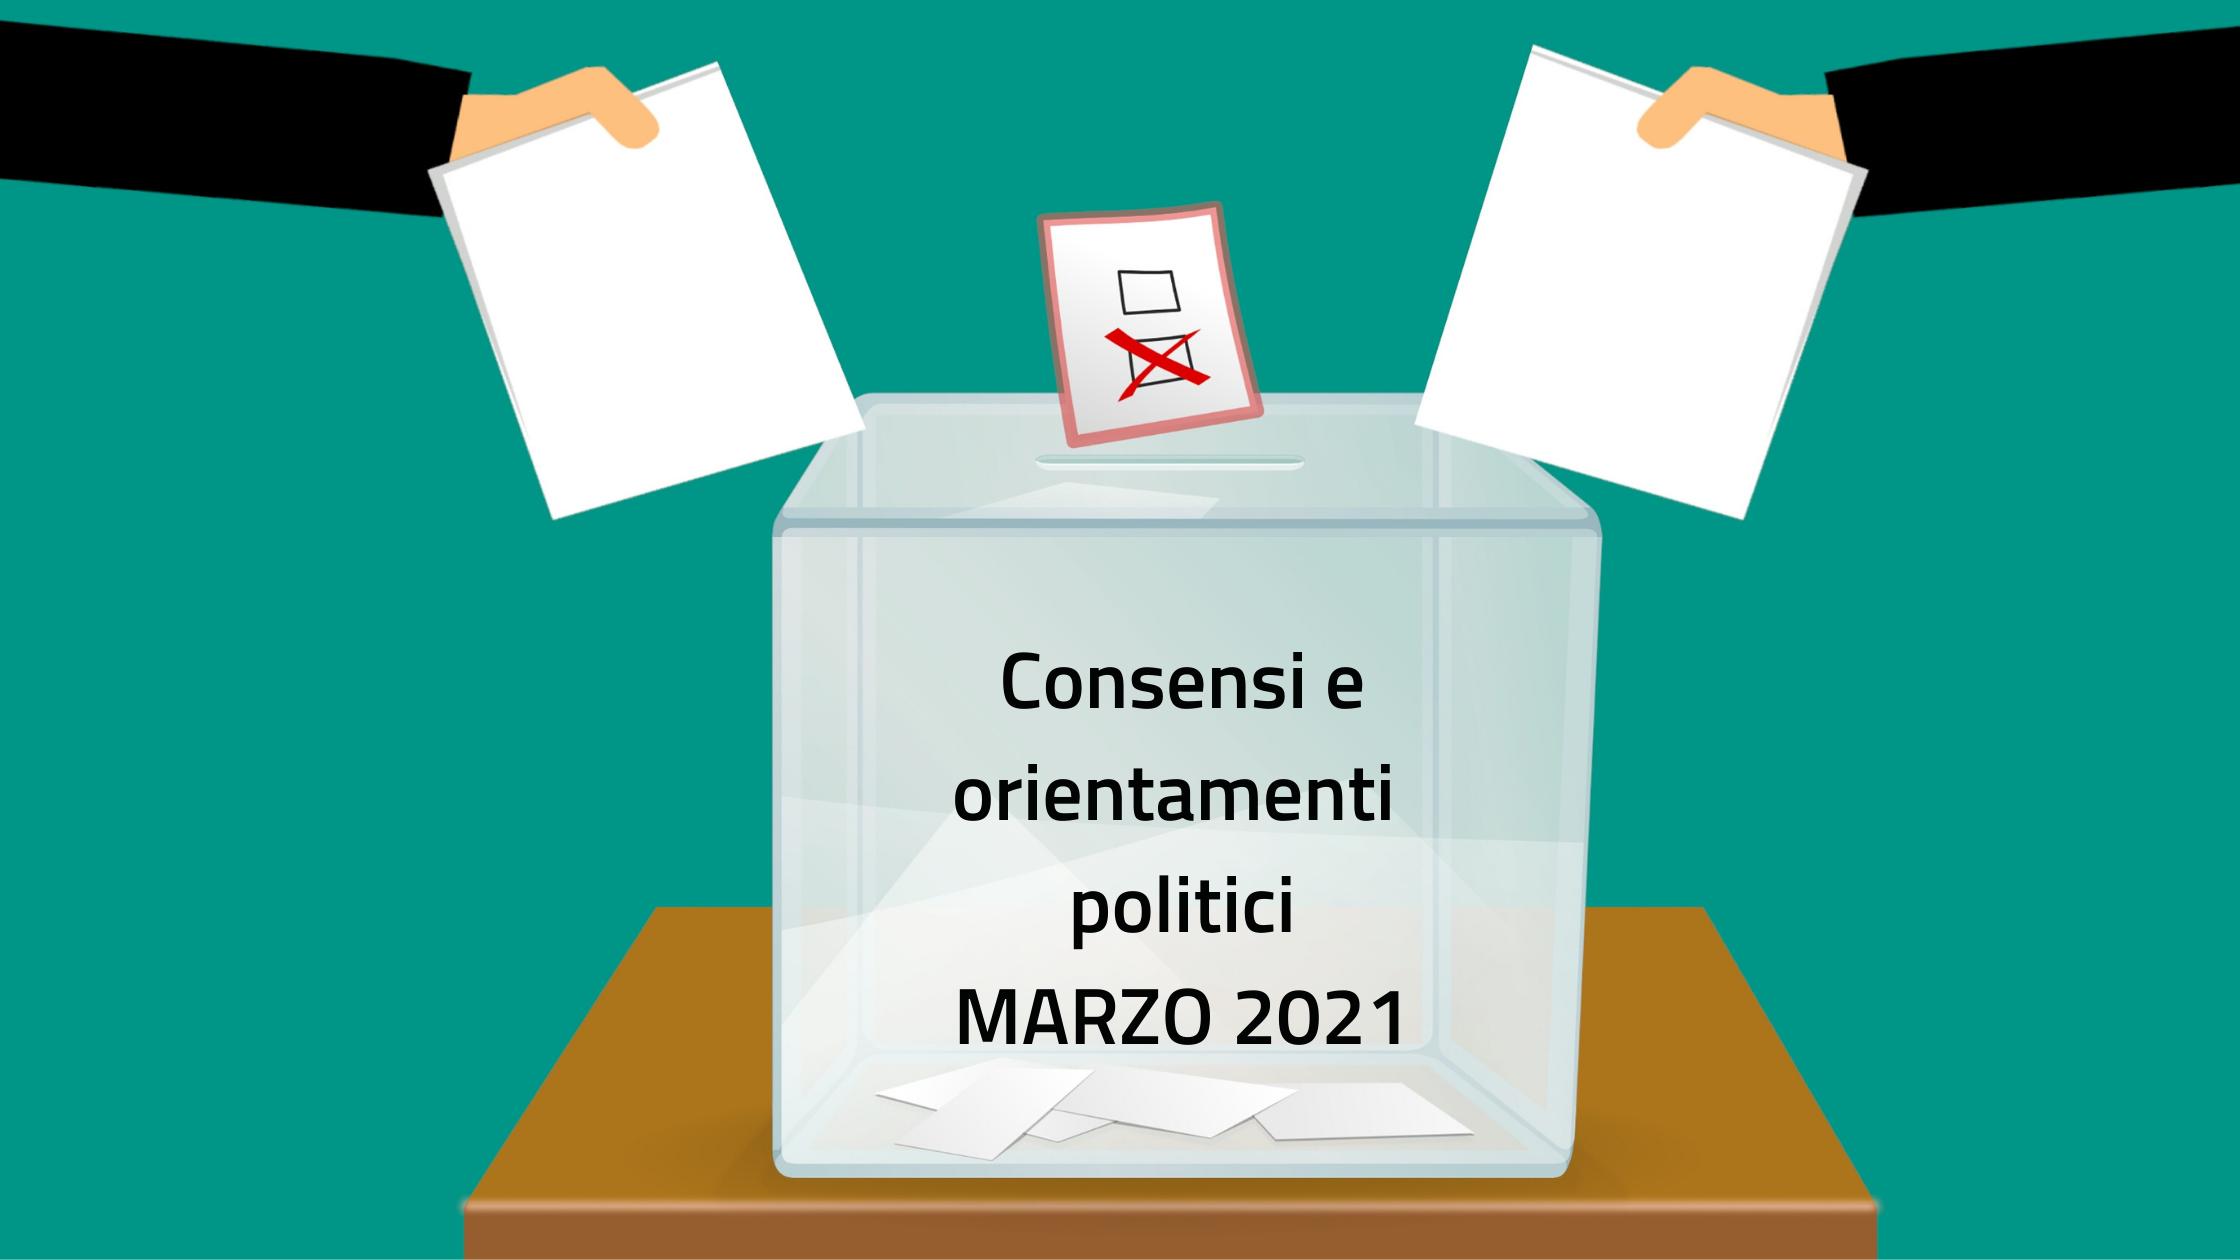 Consensi e orientamenti politici marzo blog.png